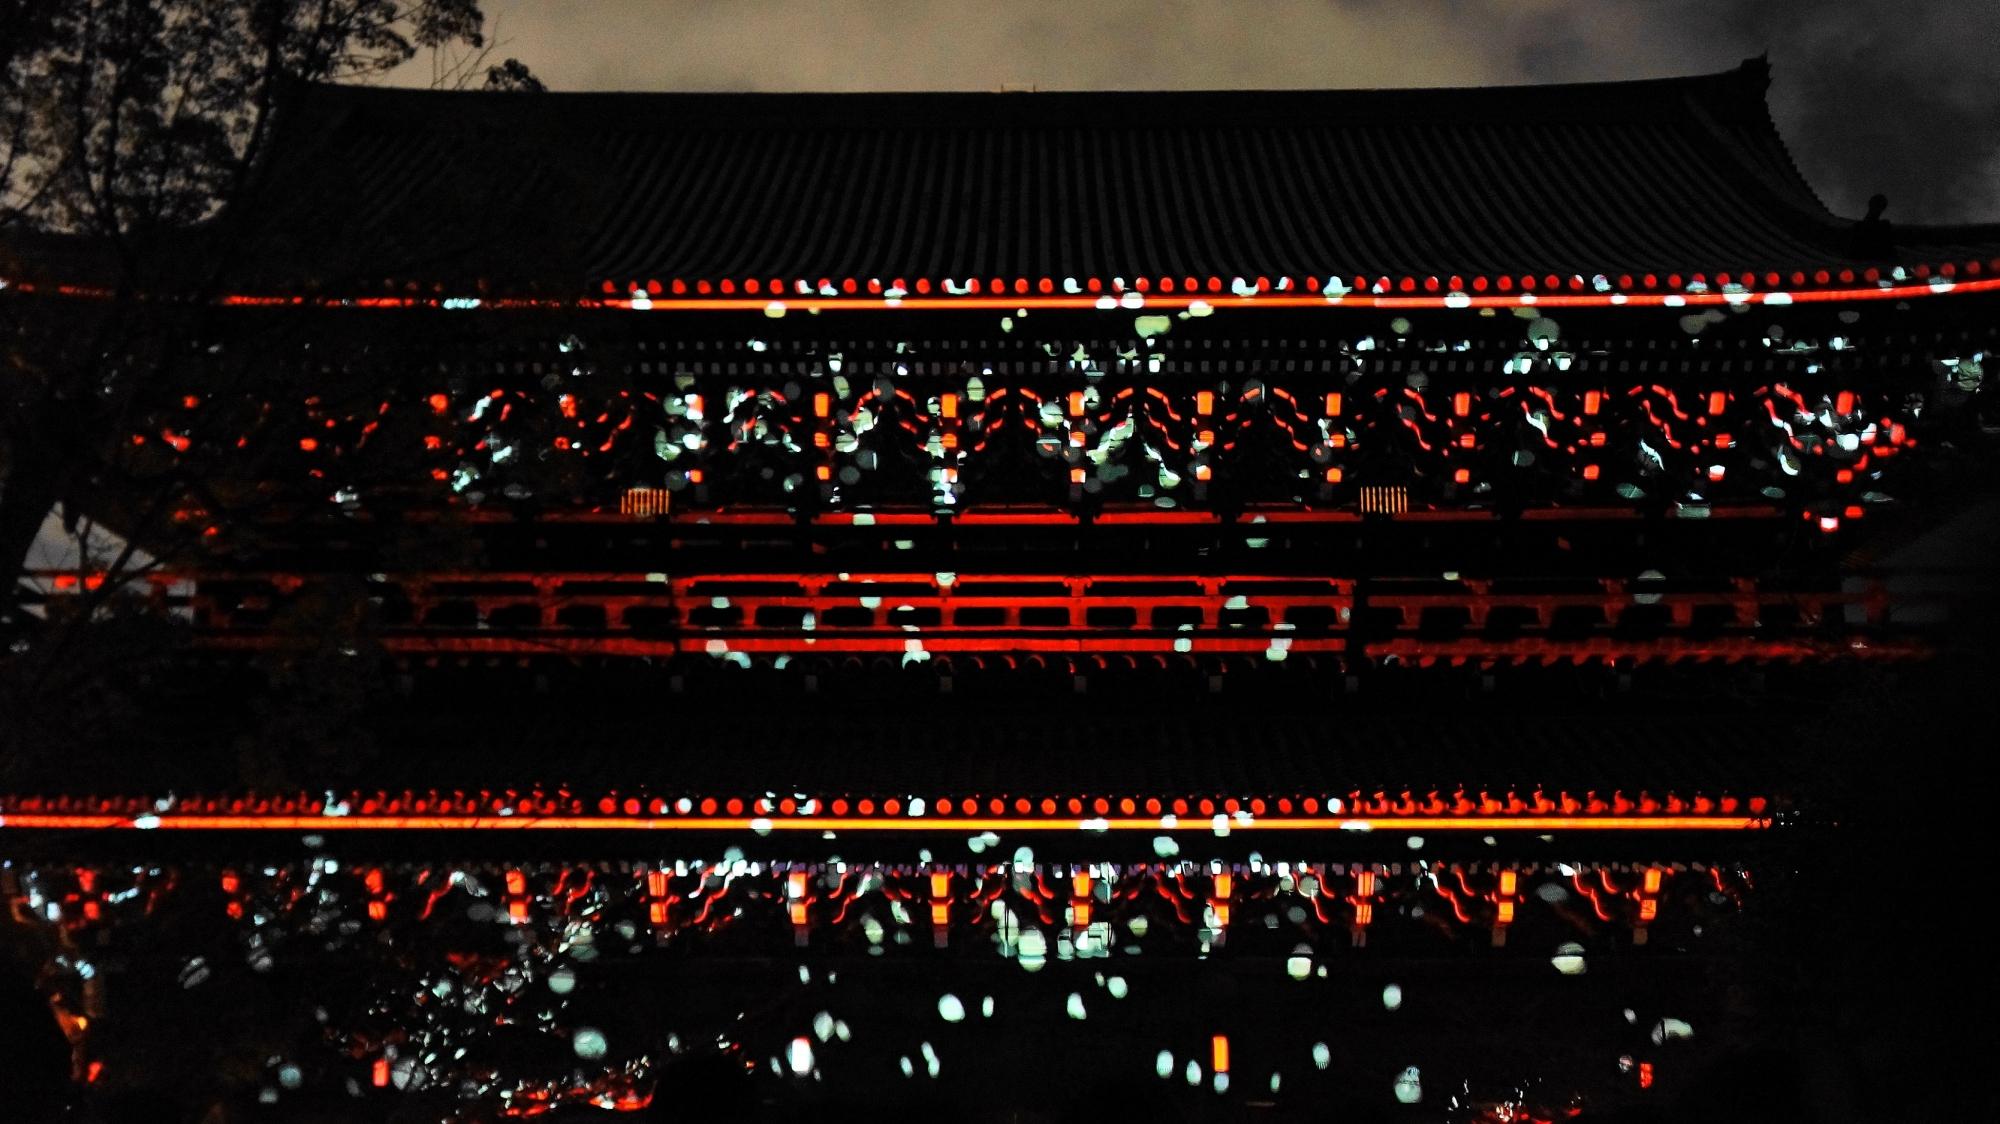 東山花灯路での見事な知恩院三門のプロジェクションマッピング「幻想の灯り」